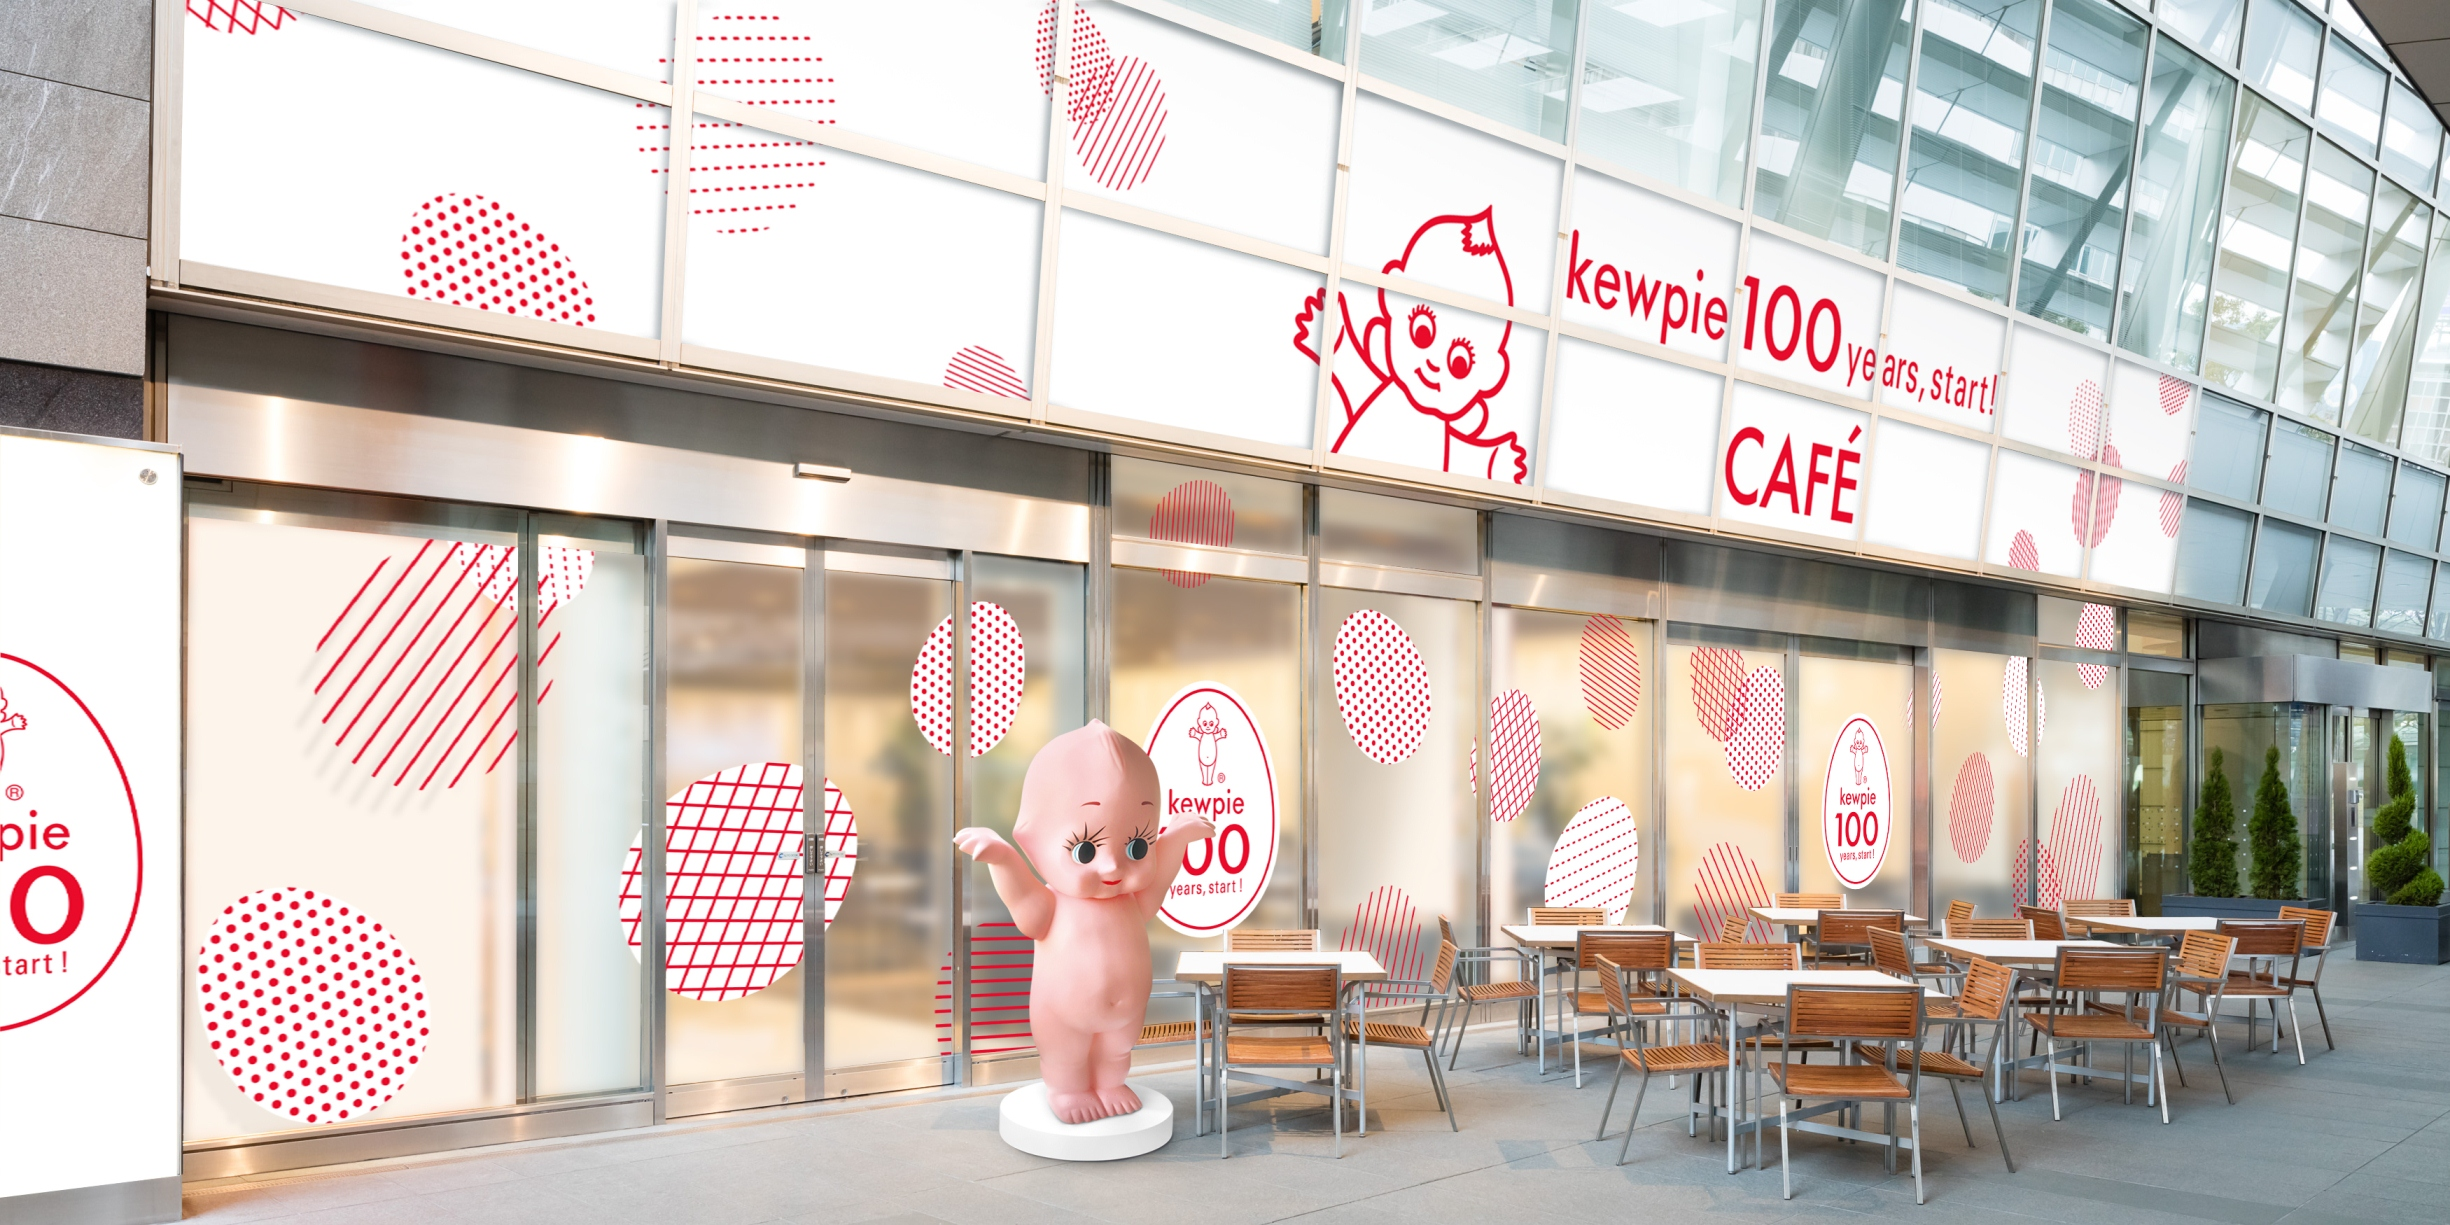 『キユーピー』100周年記念カフェ「kewpie 100 years, start! CAFÉ」で、オリジナルメニューを堪能しよ♡_1